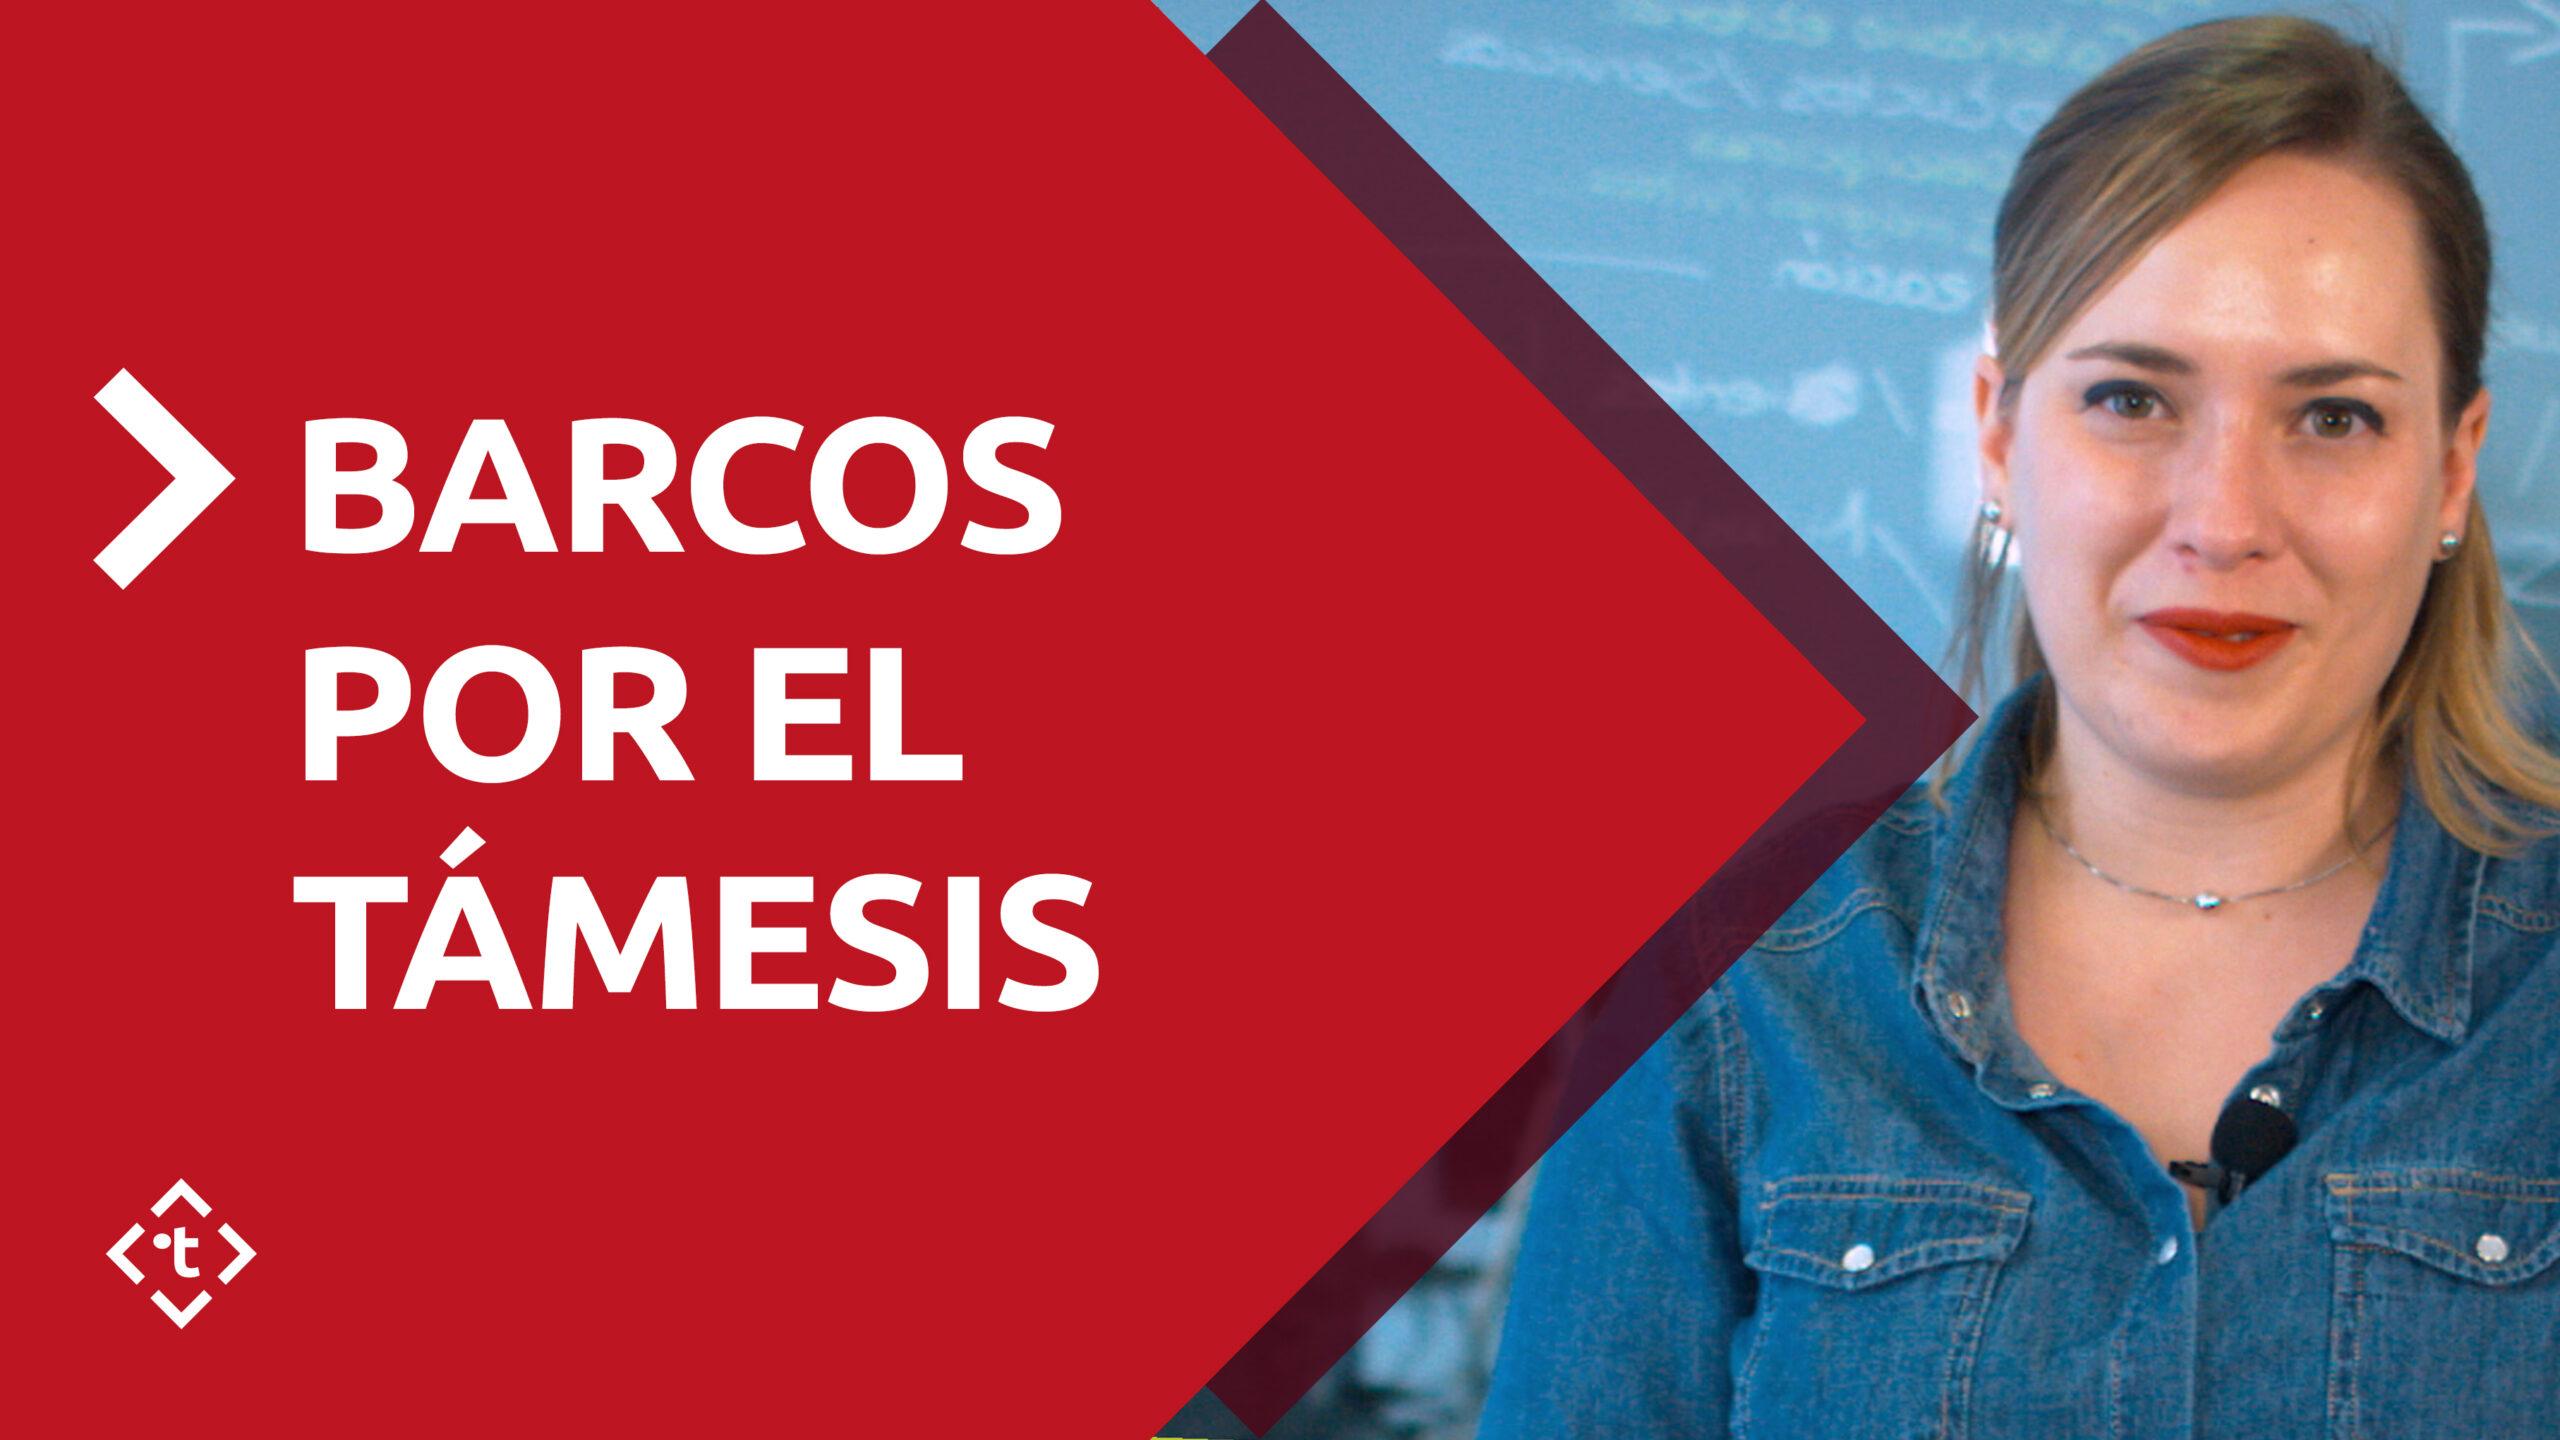 BARCOS POR EL TÁMESIS